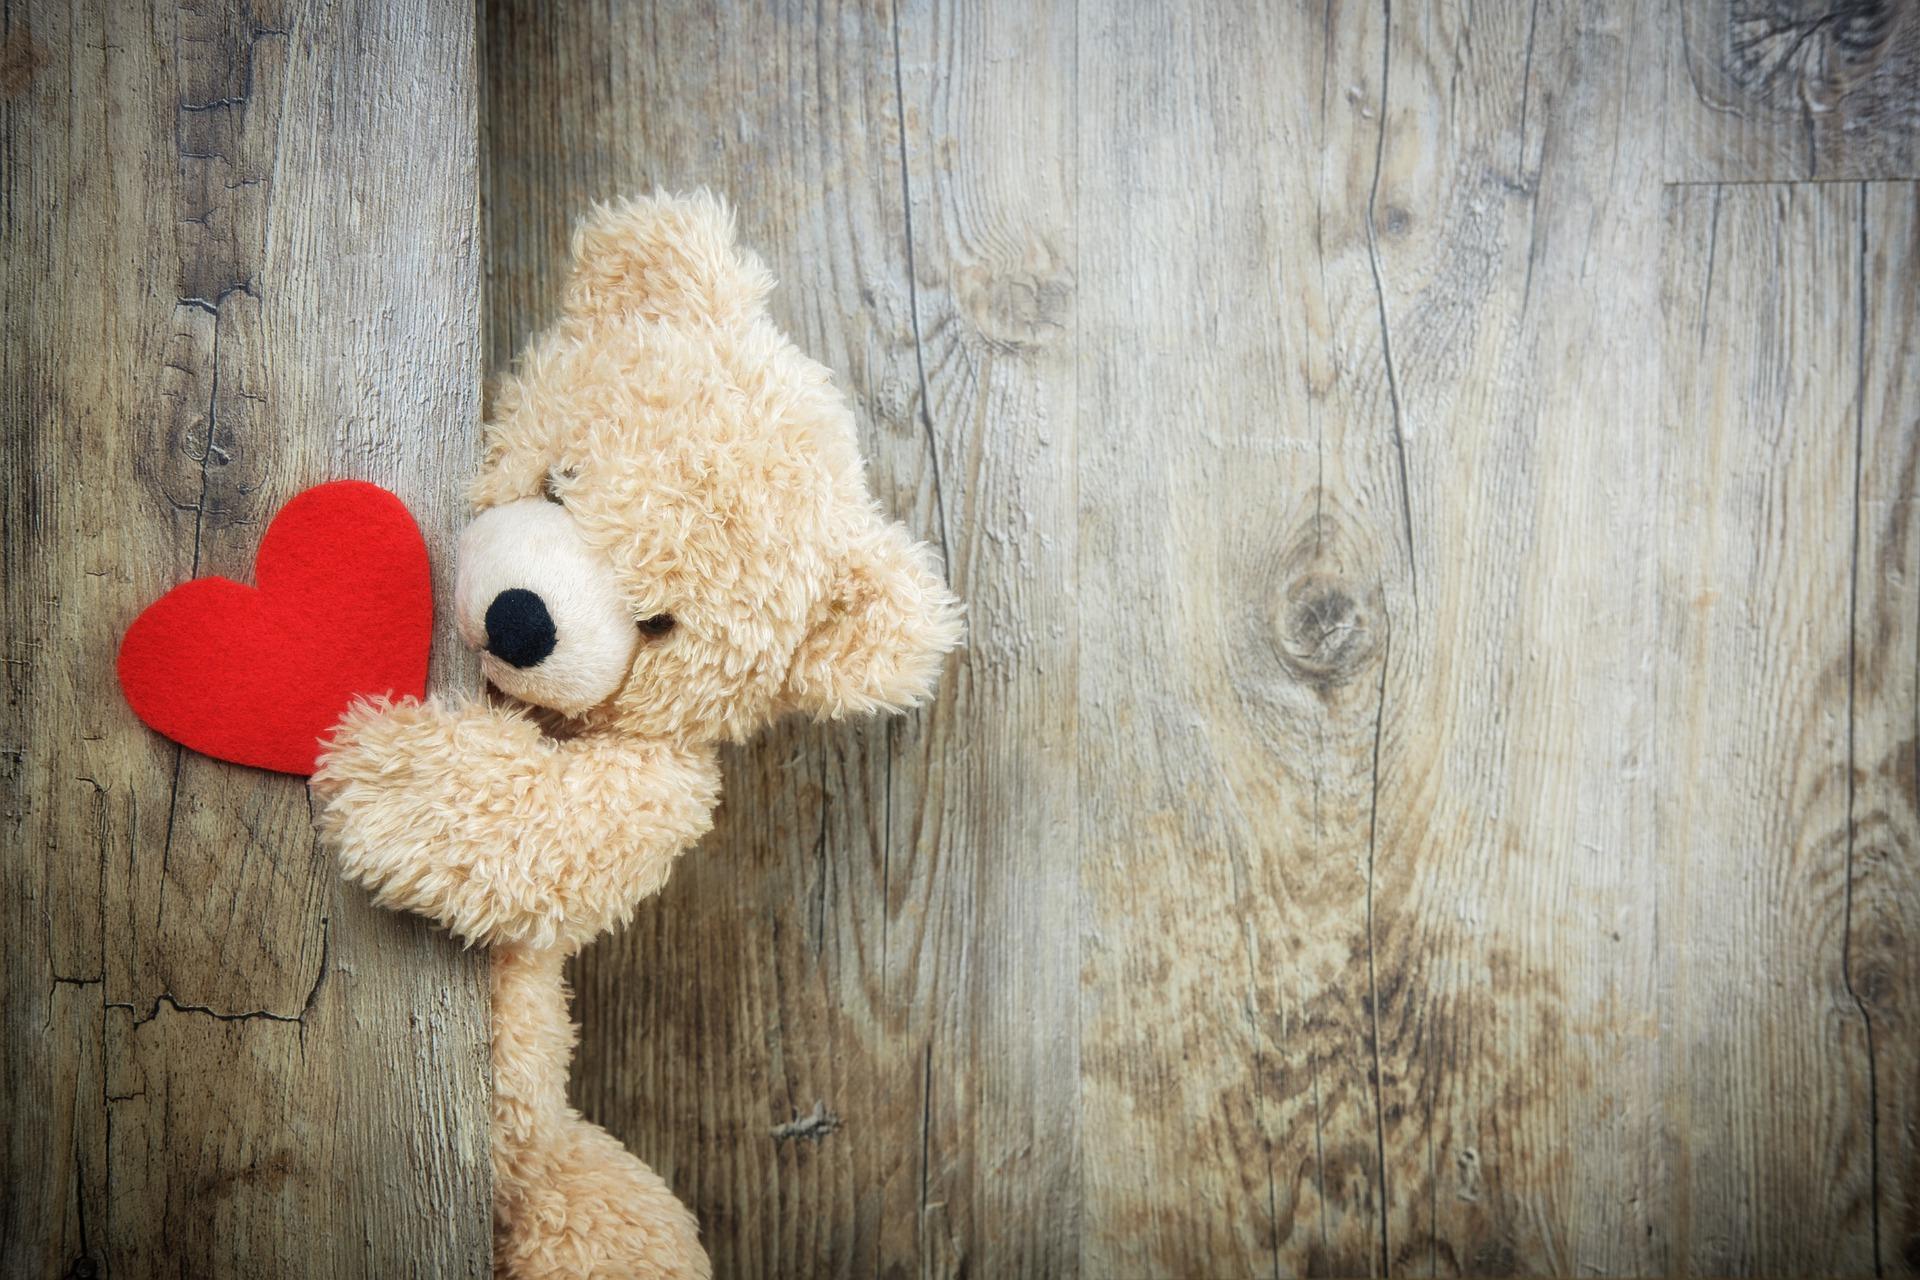 Amor além da vida: Filhos sentem a presença e tentam amenizar a saudade das mães, que já faleceram